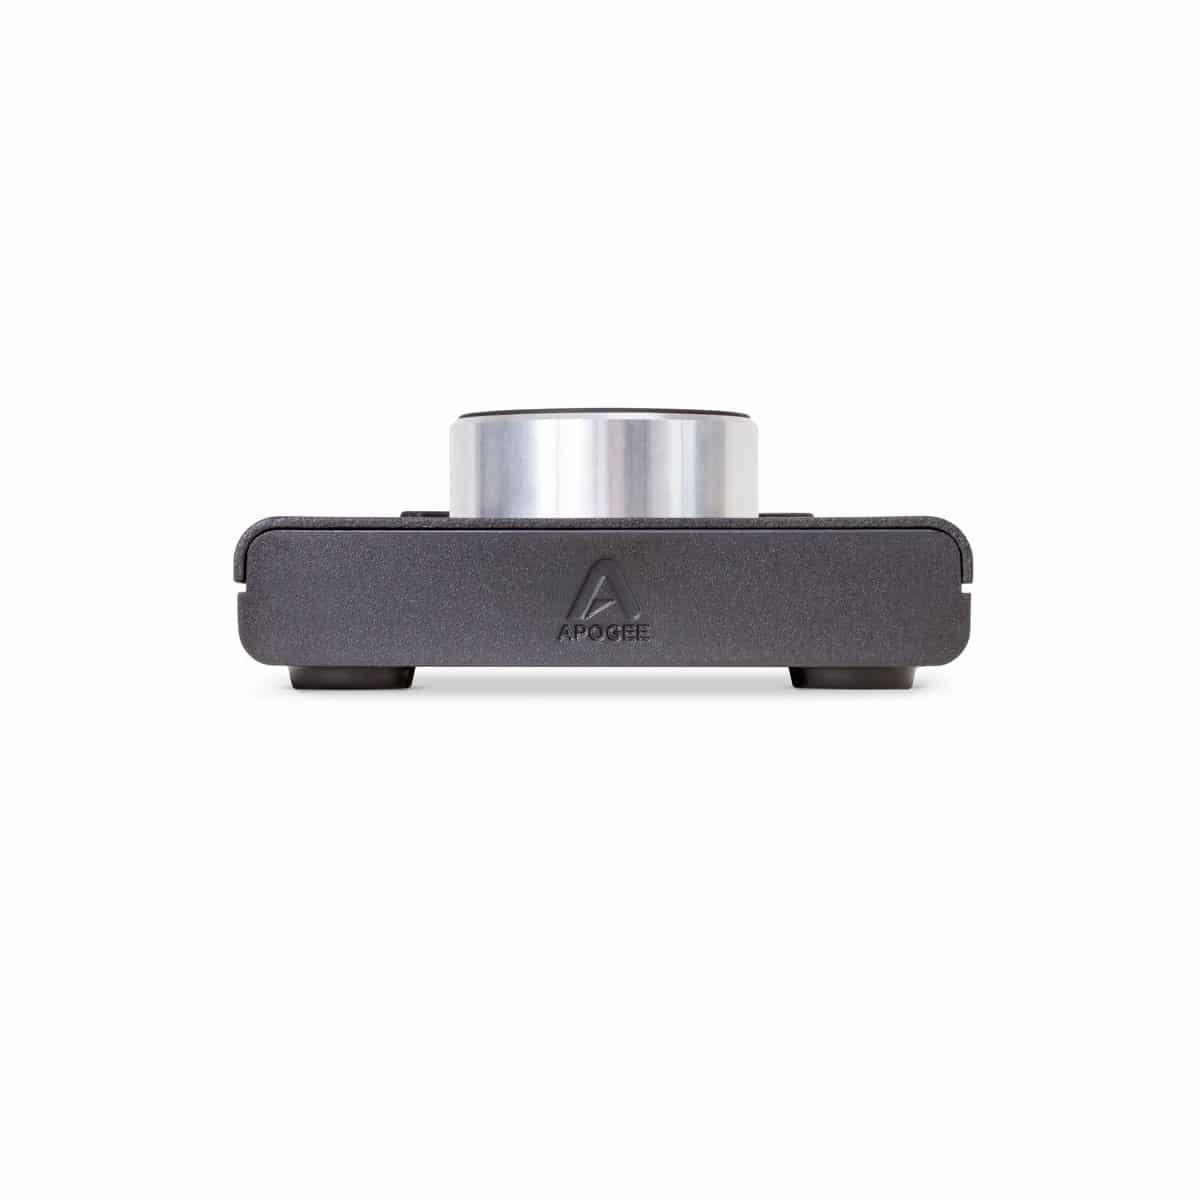 Apogee Control 05 Pro Audio, Accessori, Remote Controller